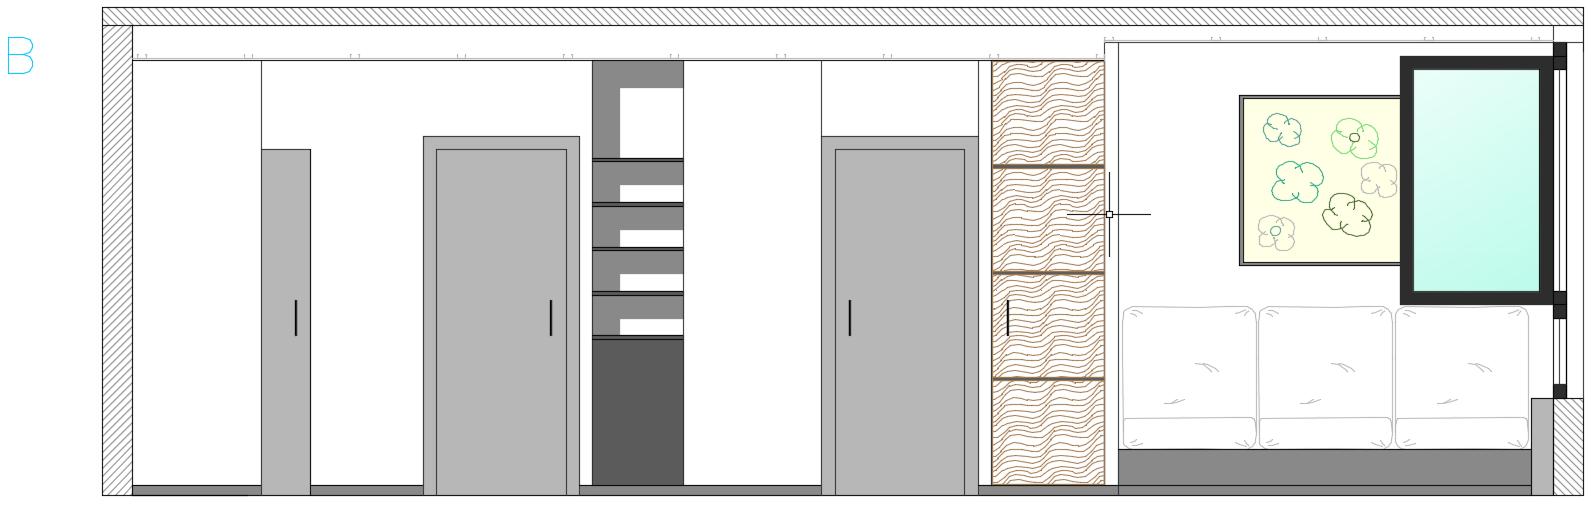 plan coupe élévation architecture d'intérieur rénovation mobilier sur-mesure porte toute hauteur salon